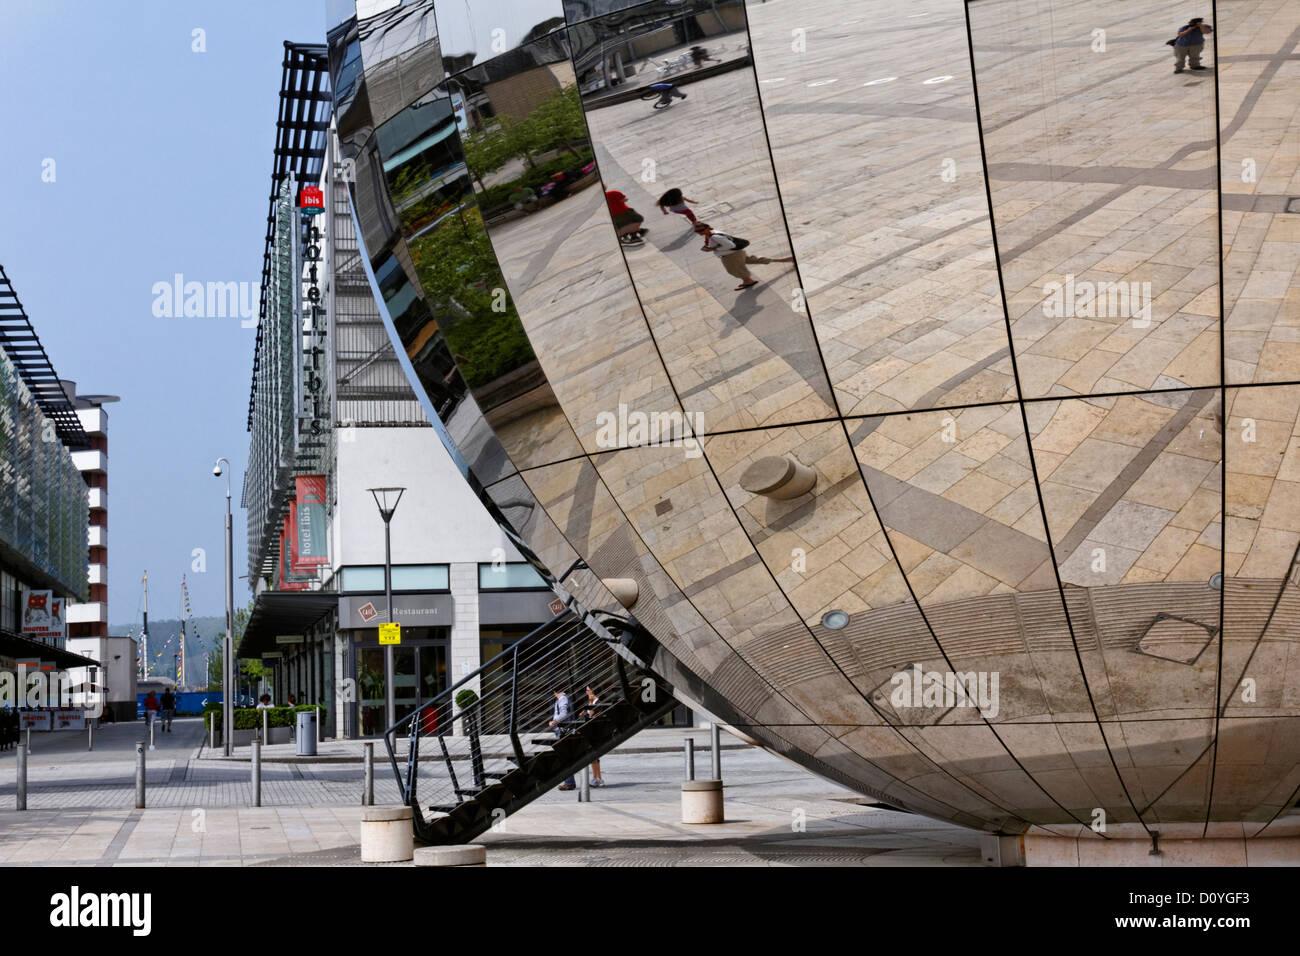 The Planetarium in Millenium Square, Bristol, Somerset, England - Stock Image